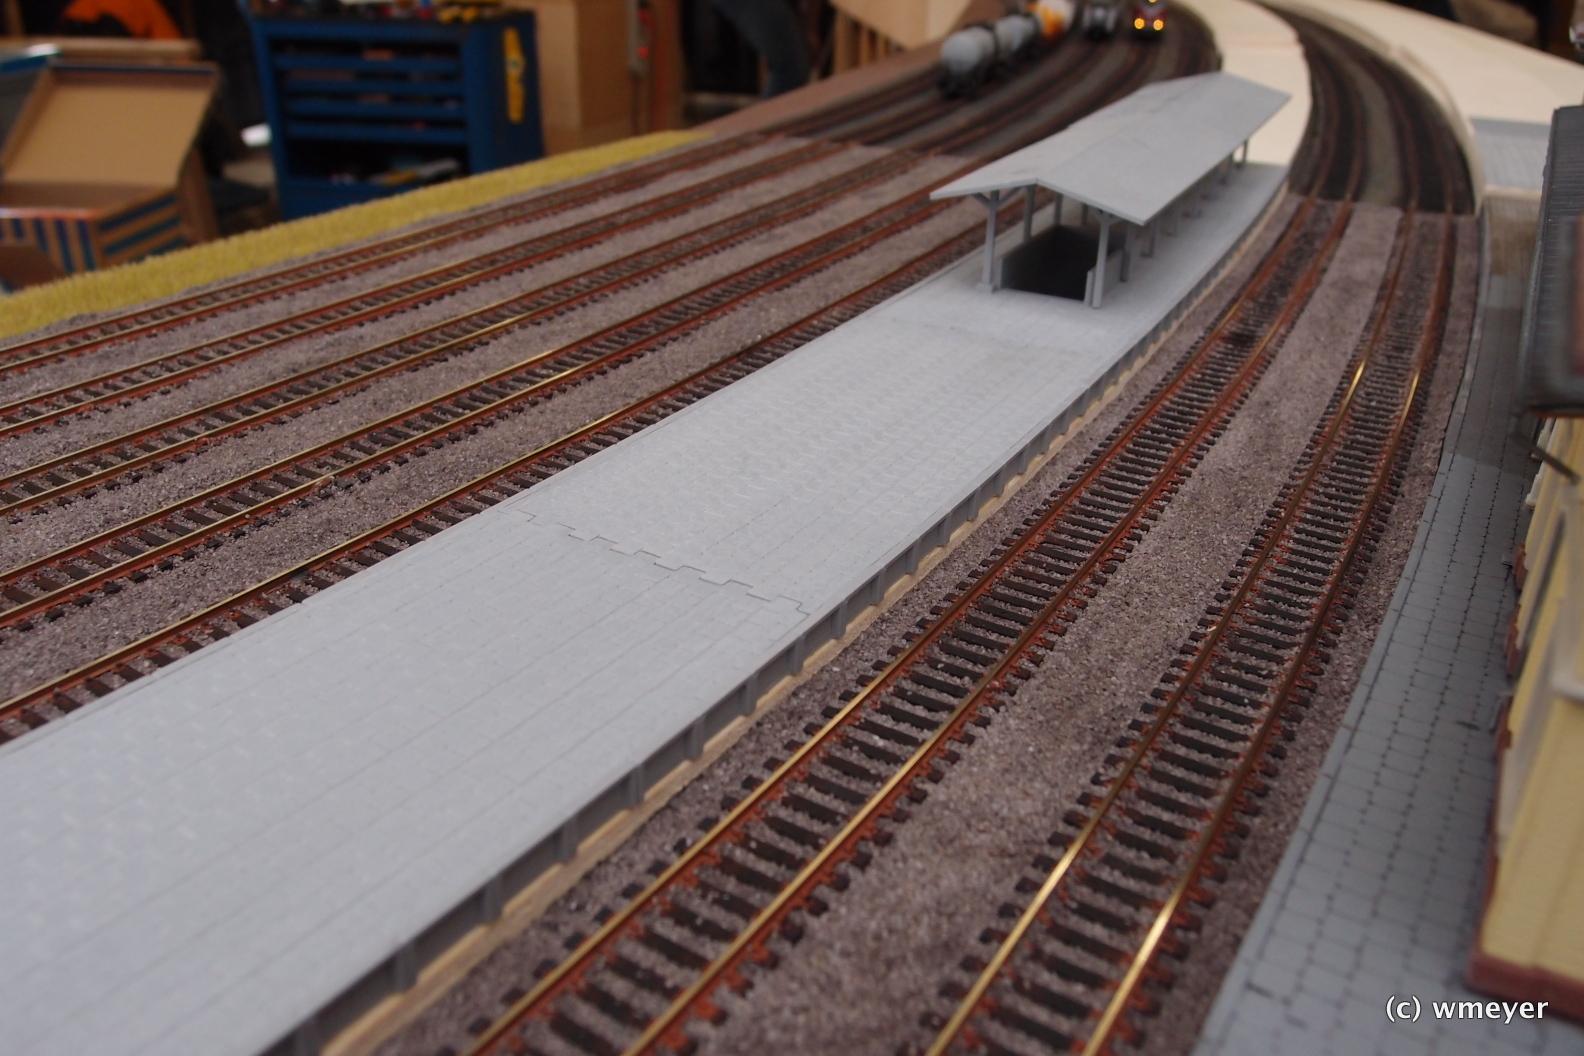 H0 Modellbahn nach Vorbild im Aufbau